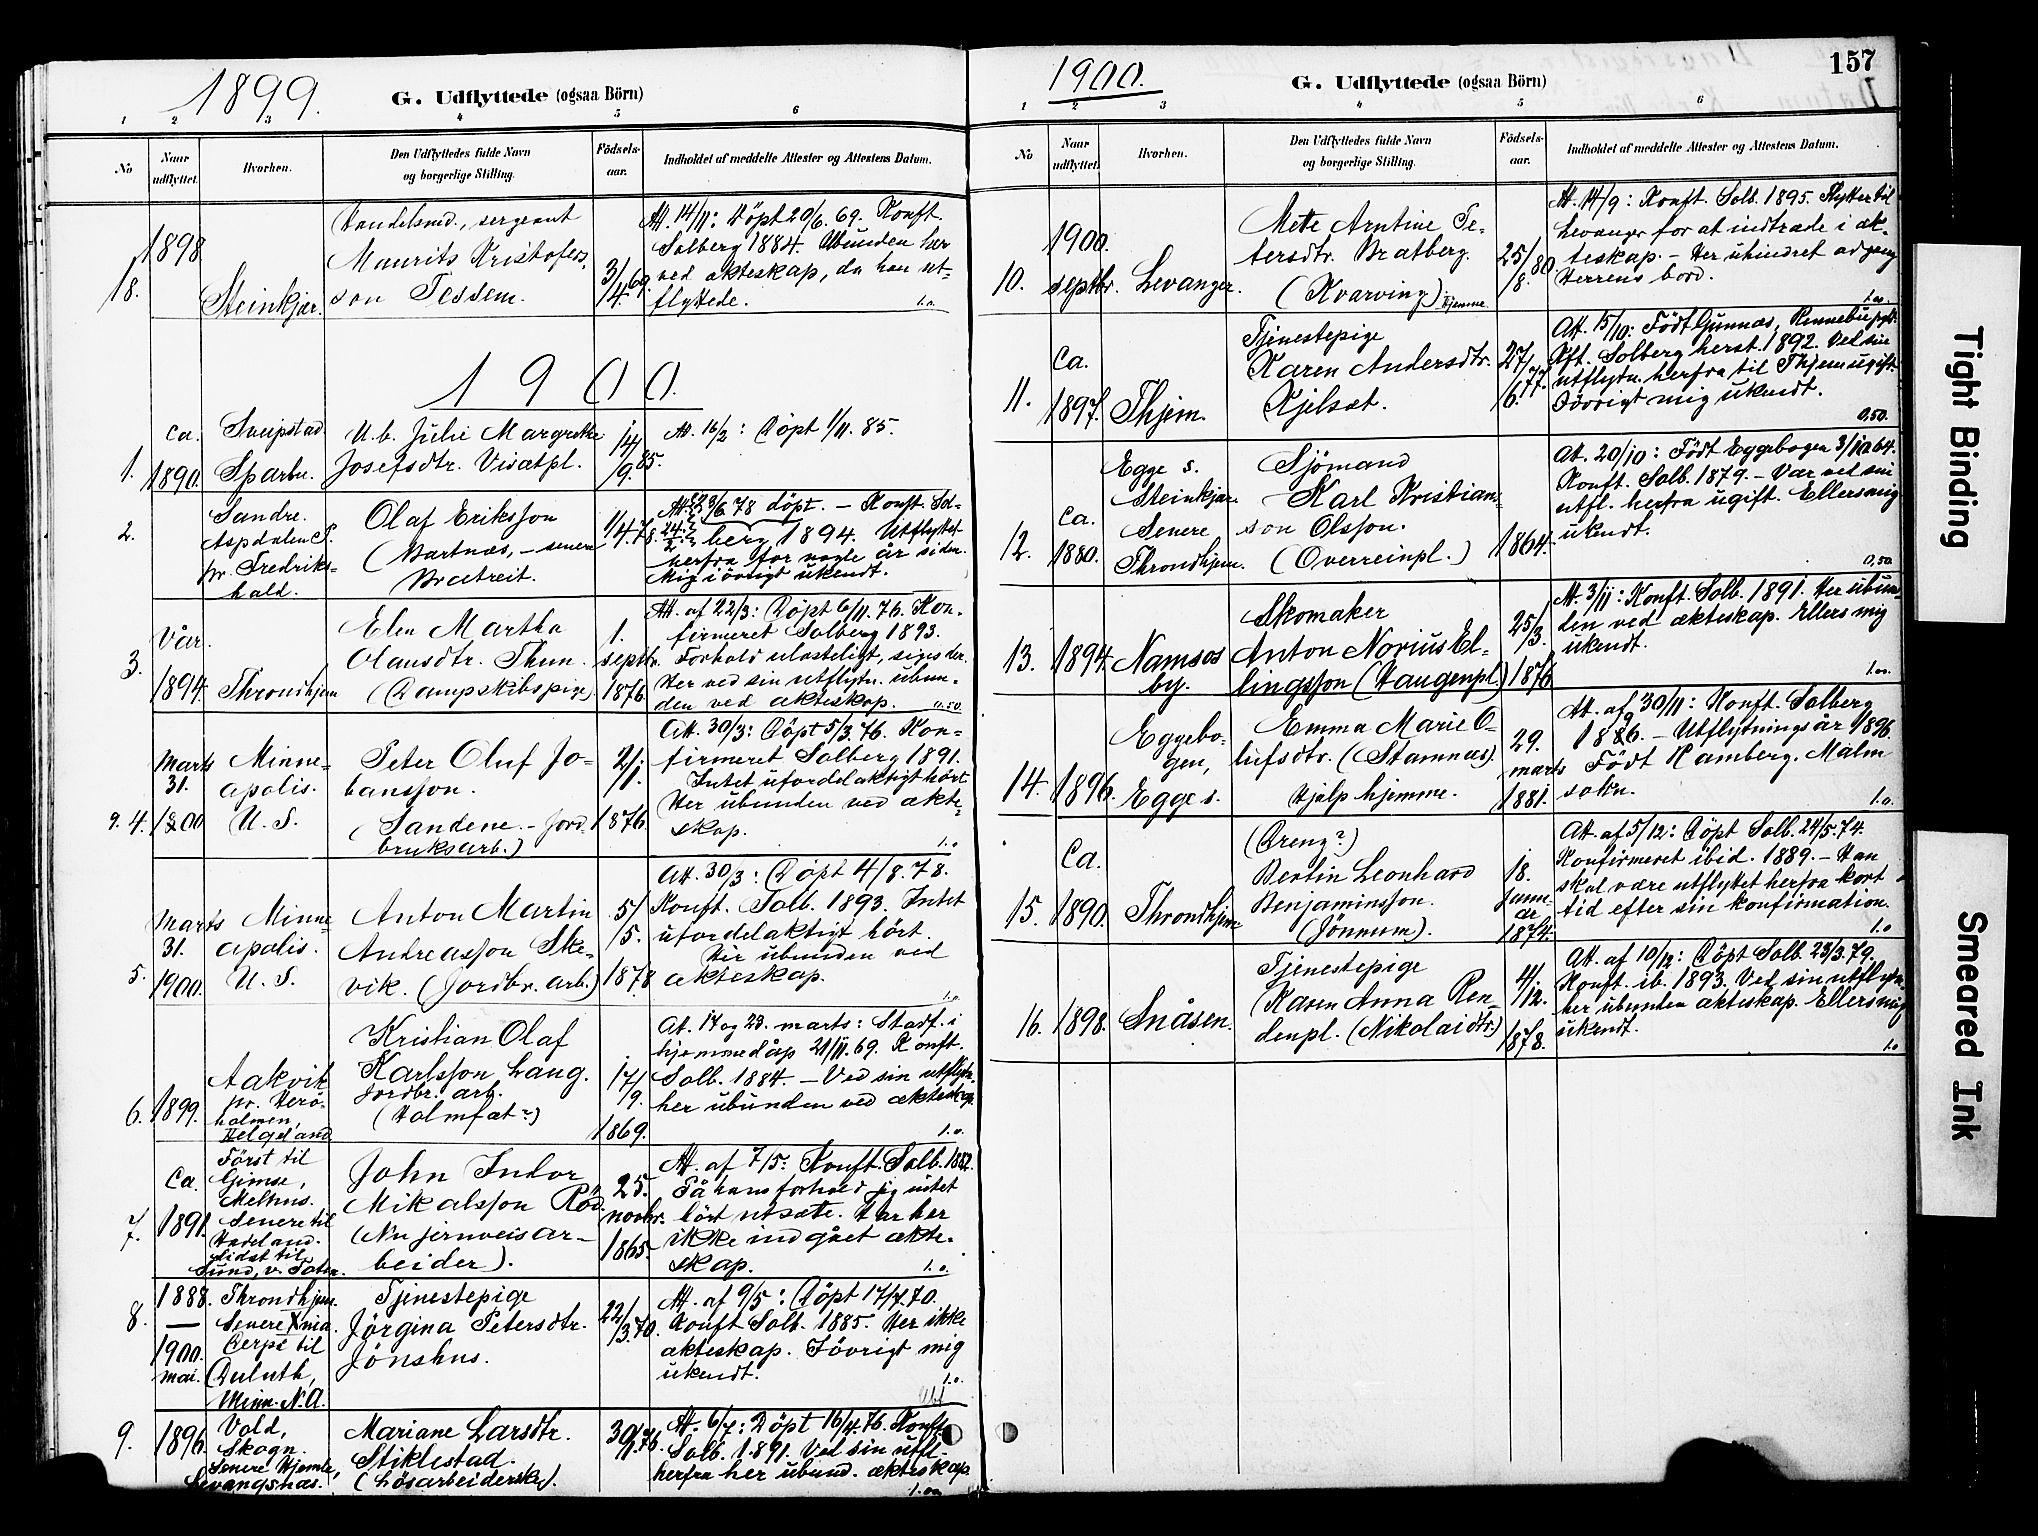 SAT, Ministerialprotokoller, klokkerbøker og fødselsregistre - Nord-Trøndelag, 741/L0396: Ministerialbok nr. 741A10, 1889-1901, s. 157